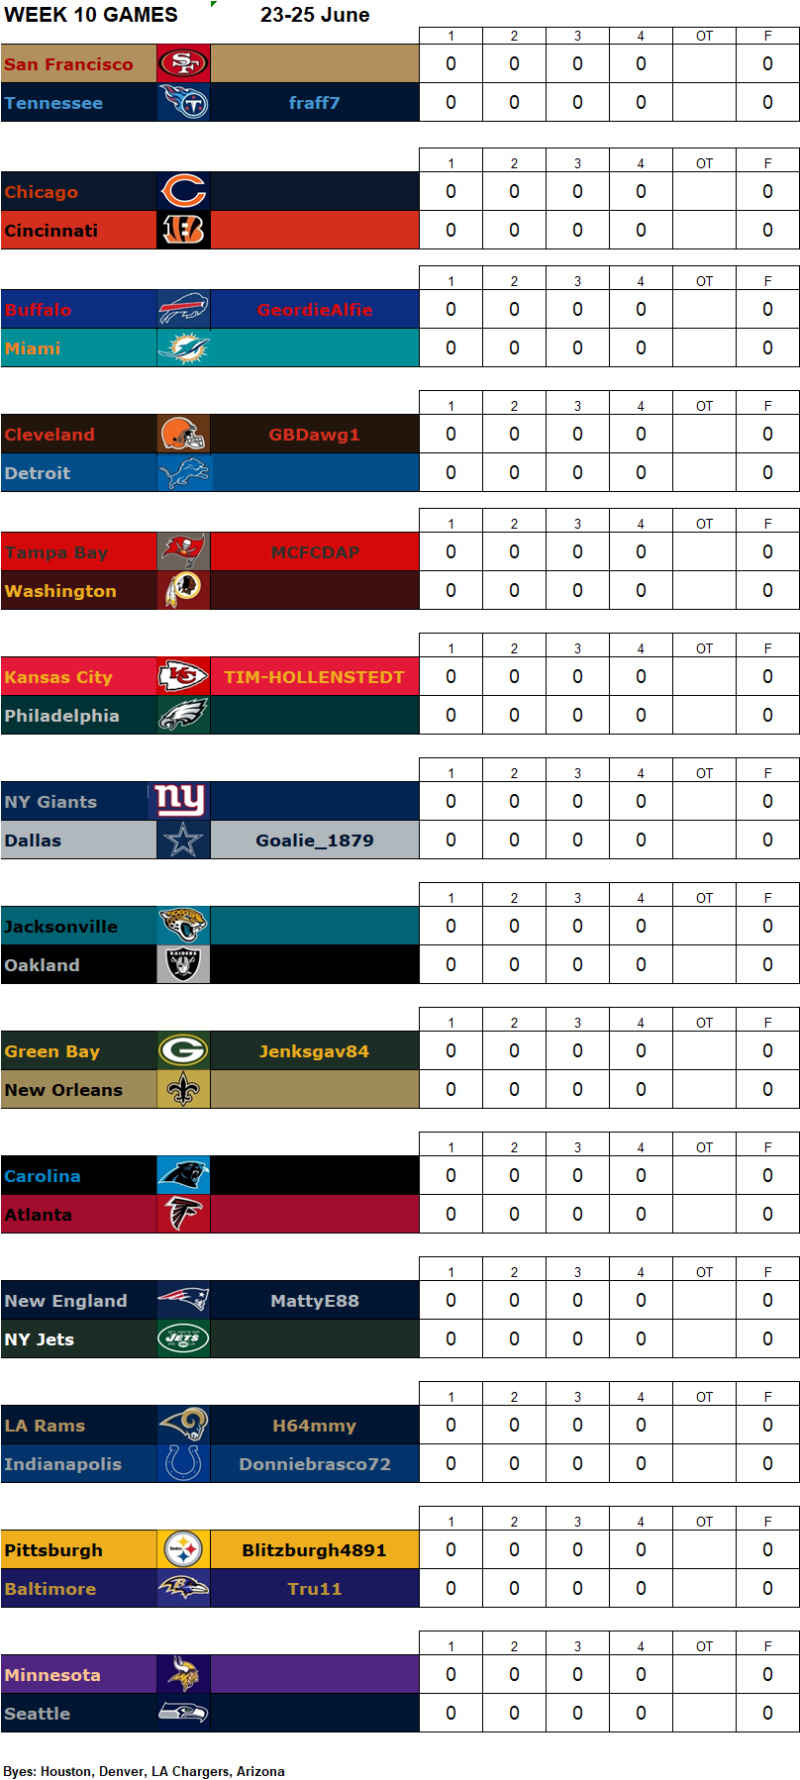 Week 10 Matchups, 23-25 June W10g17